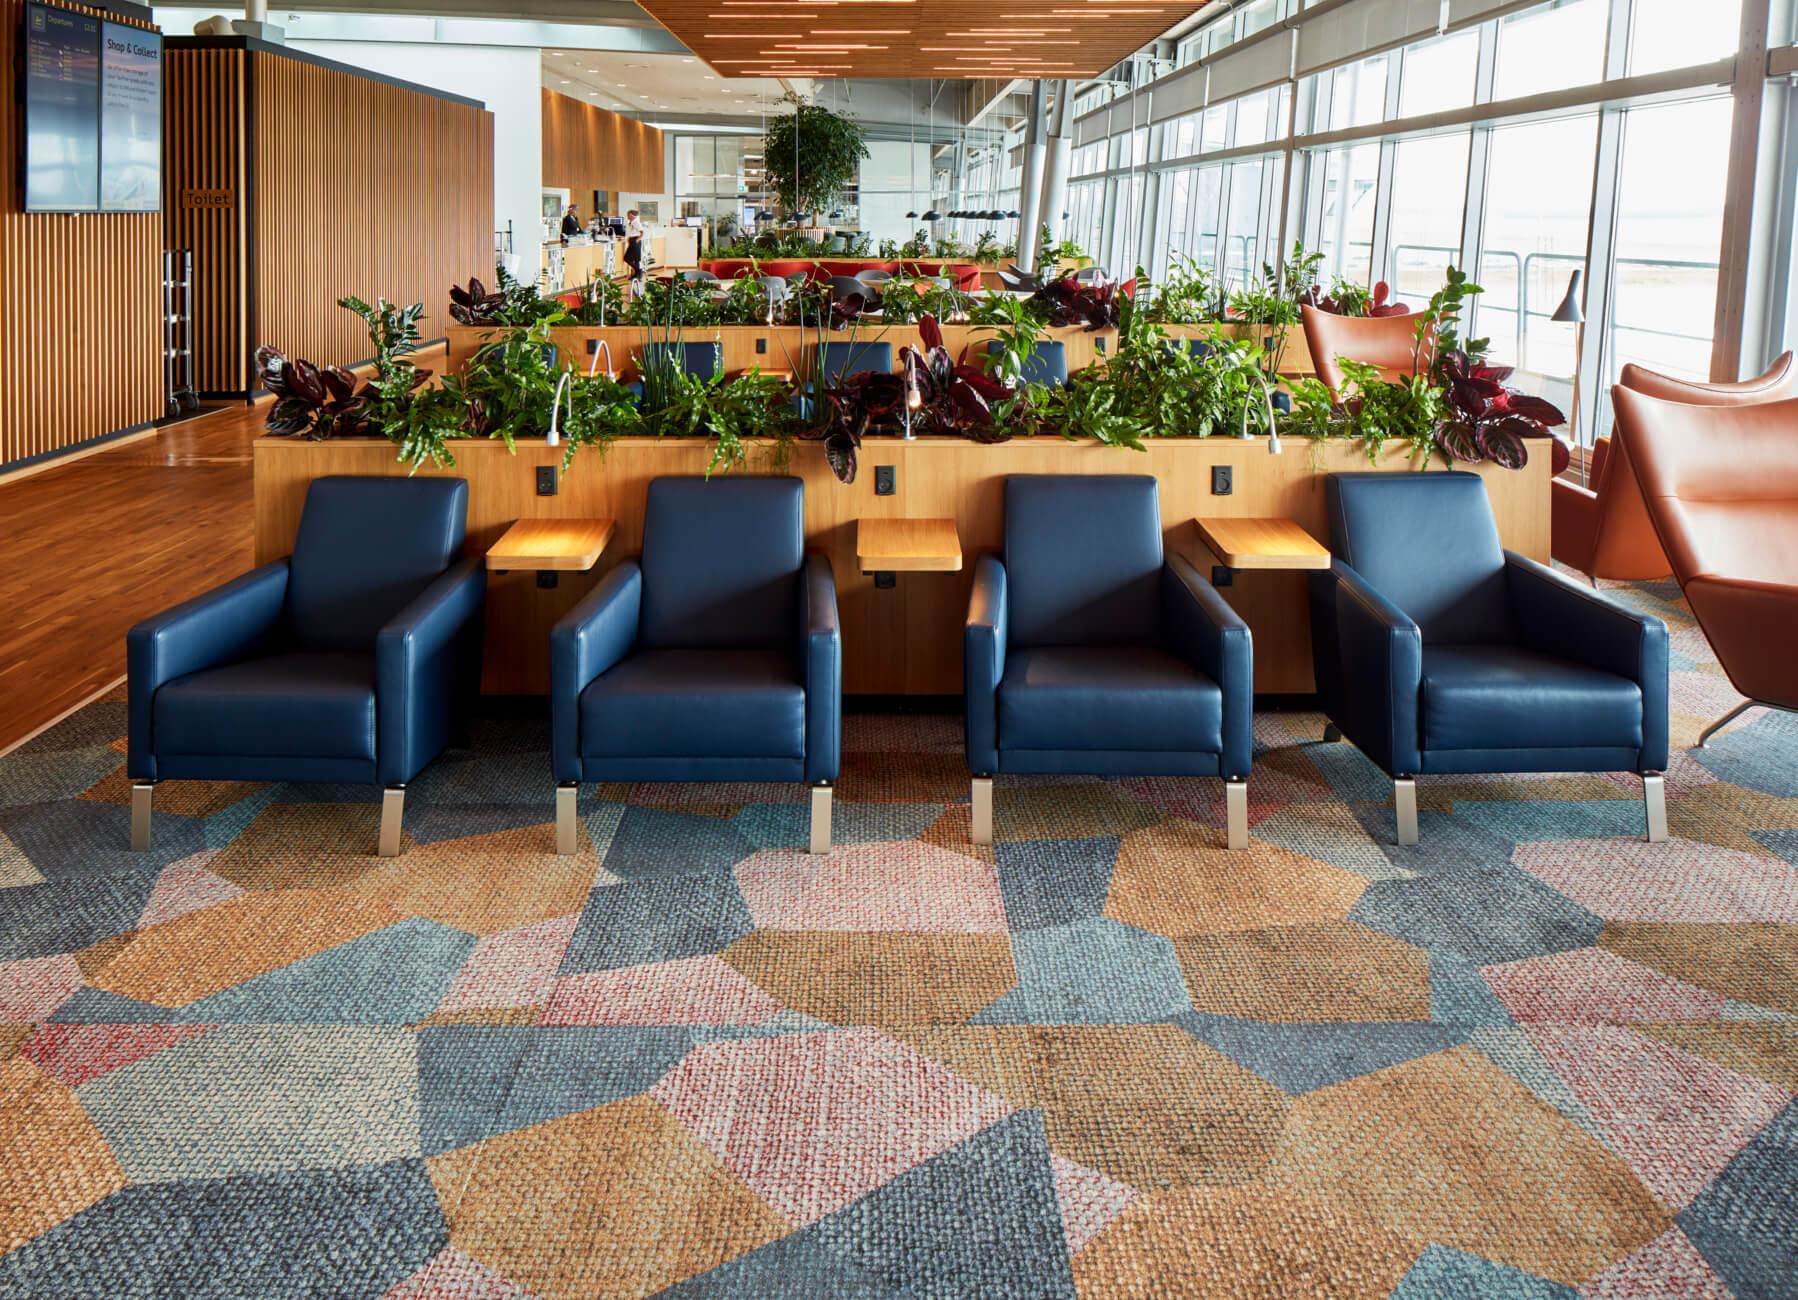 CANVAS COLLAGE-Billund Lufthavn Airport-Denmark